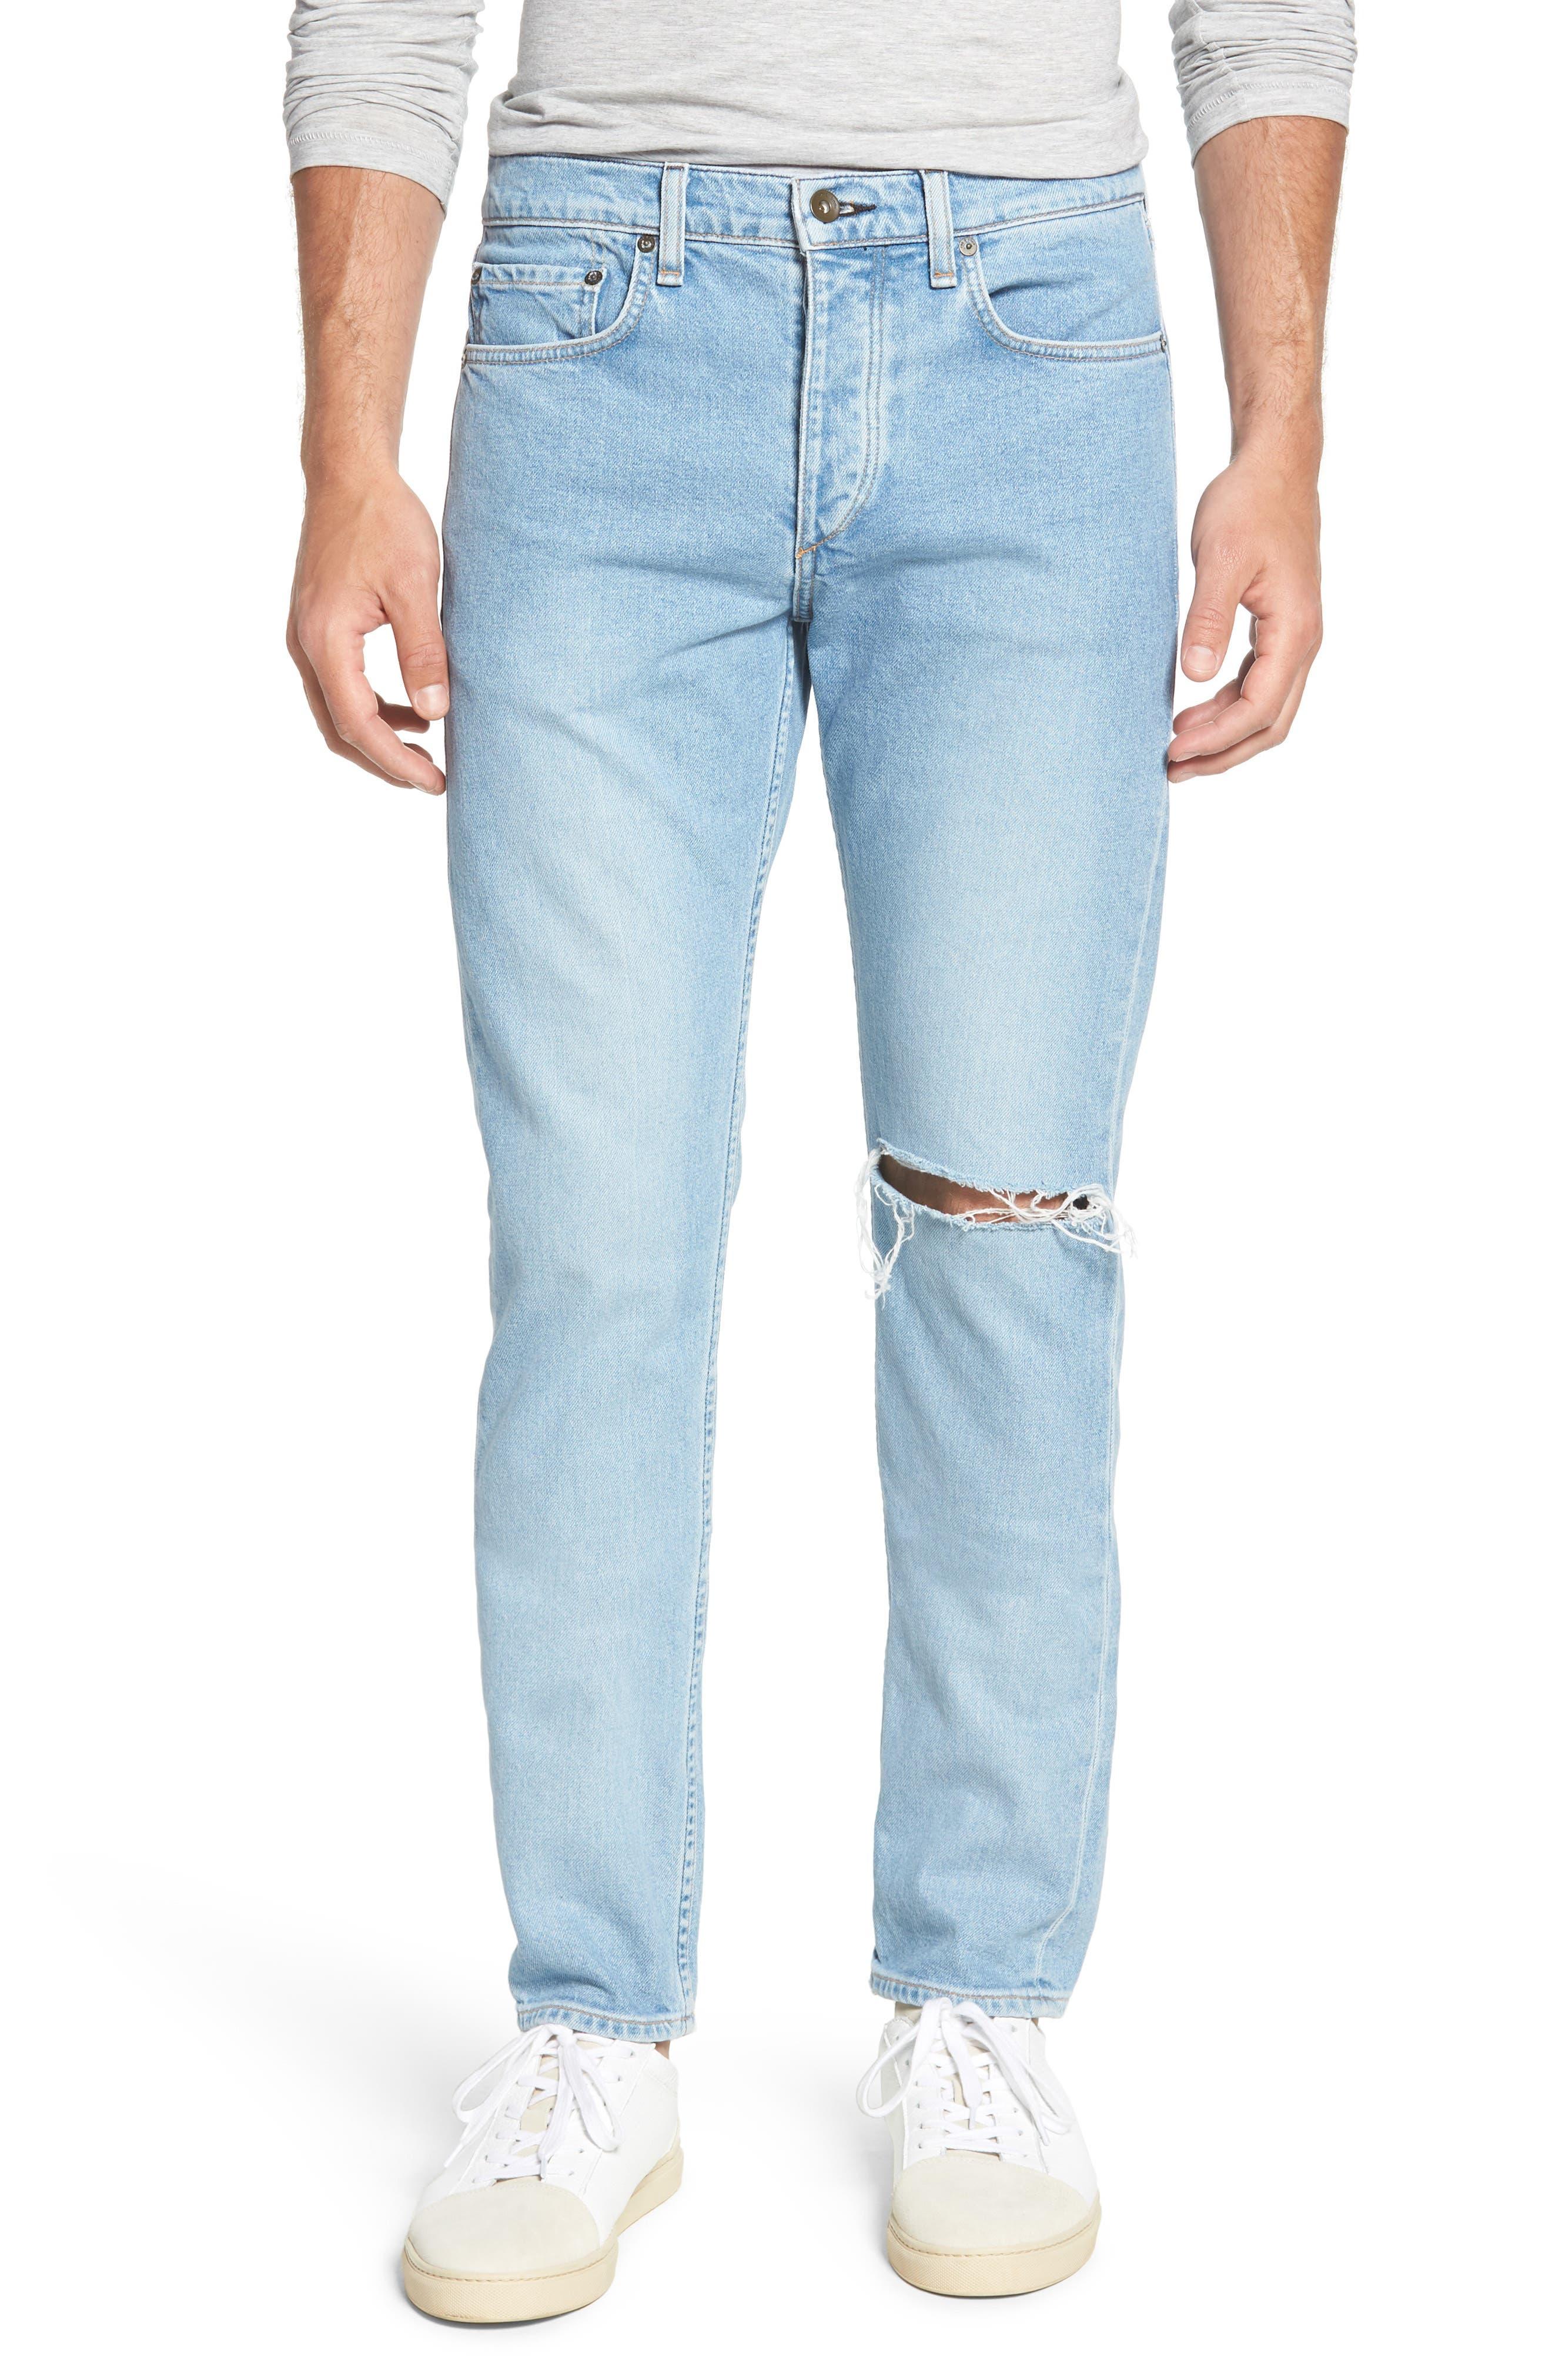 Fit 2 Slim Fit Jeans,                             Main thumbnail 1, color,                             MONTAUK W/ HOLE